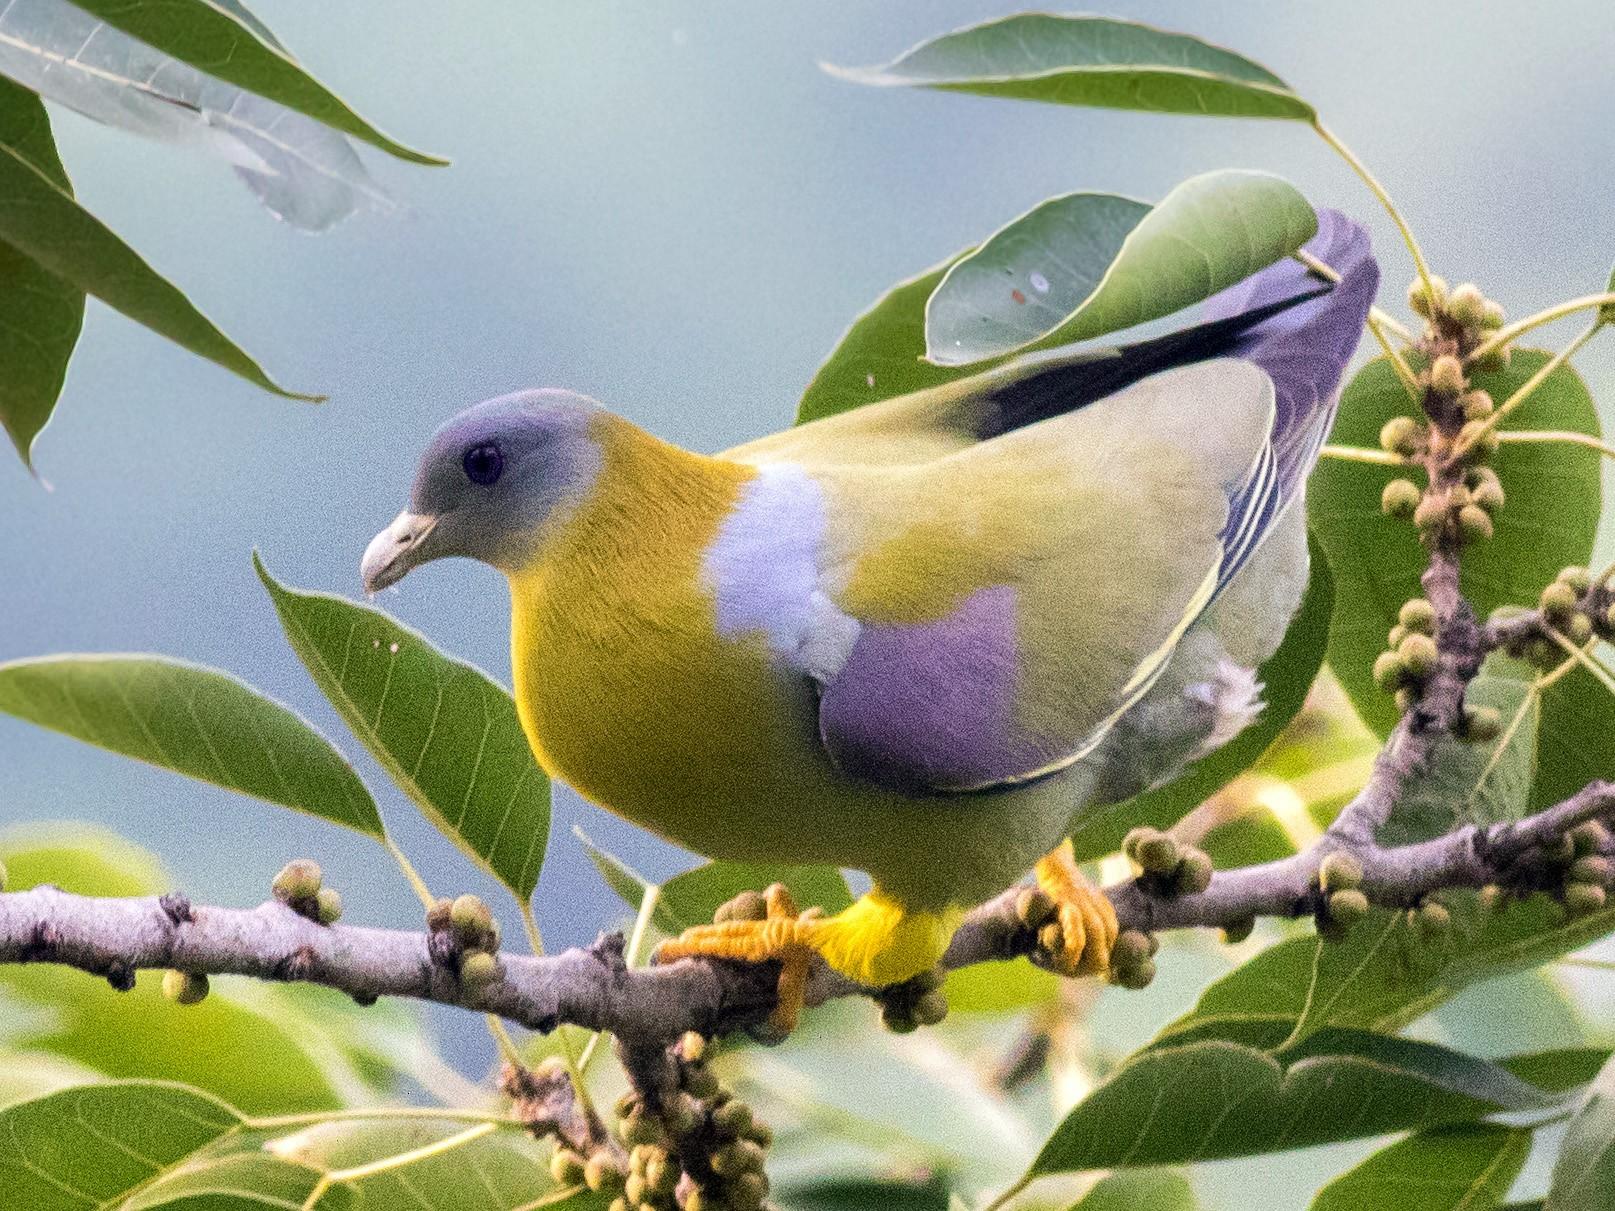 Yellow-footed Green-Pigeon - abhishek ravindra